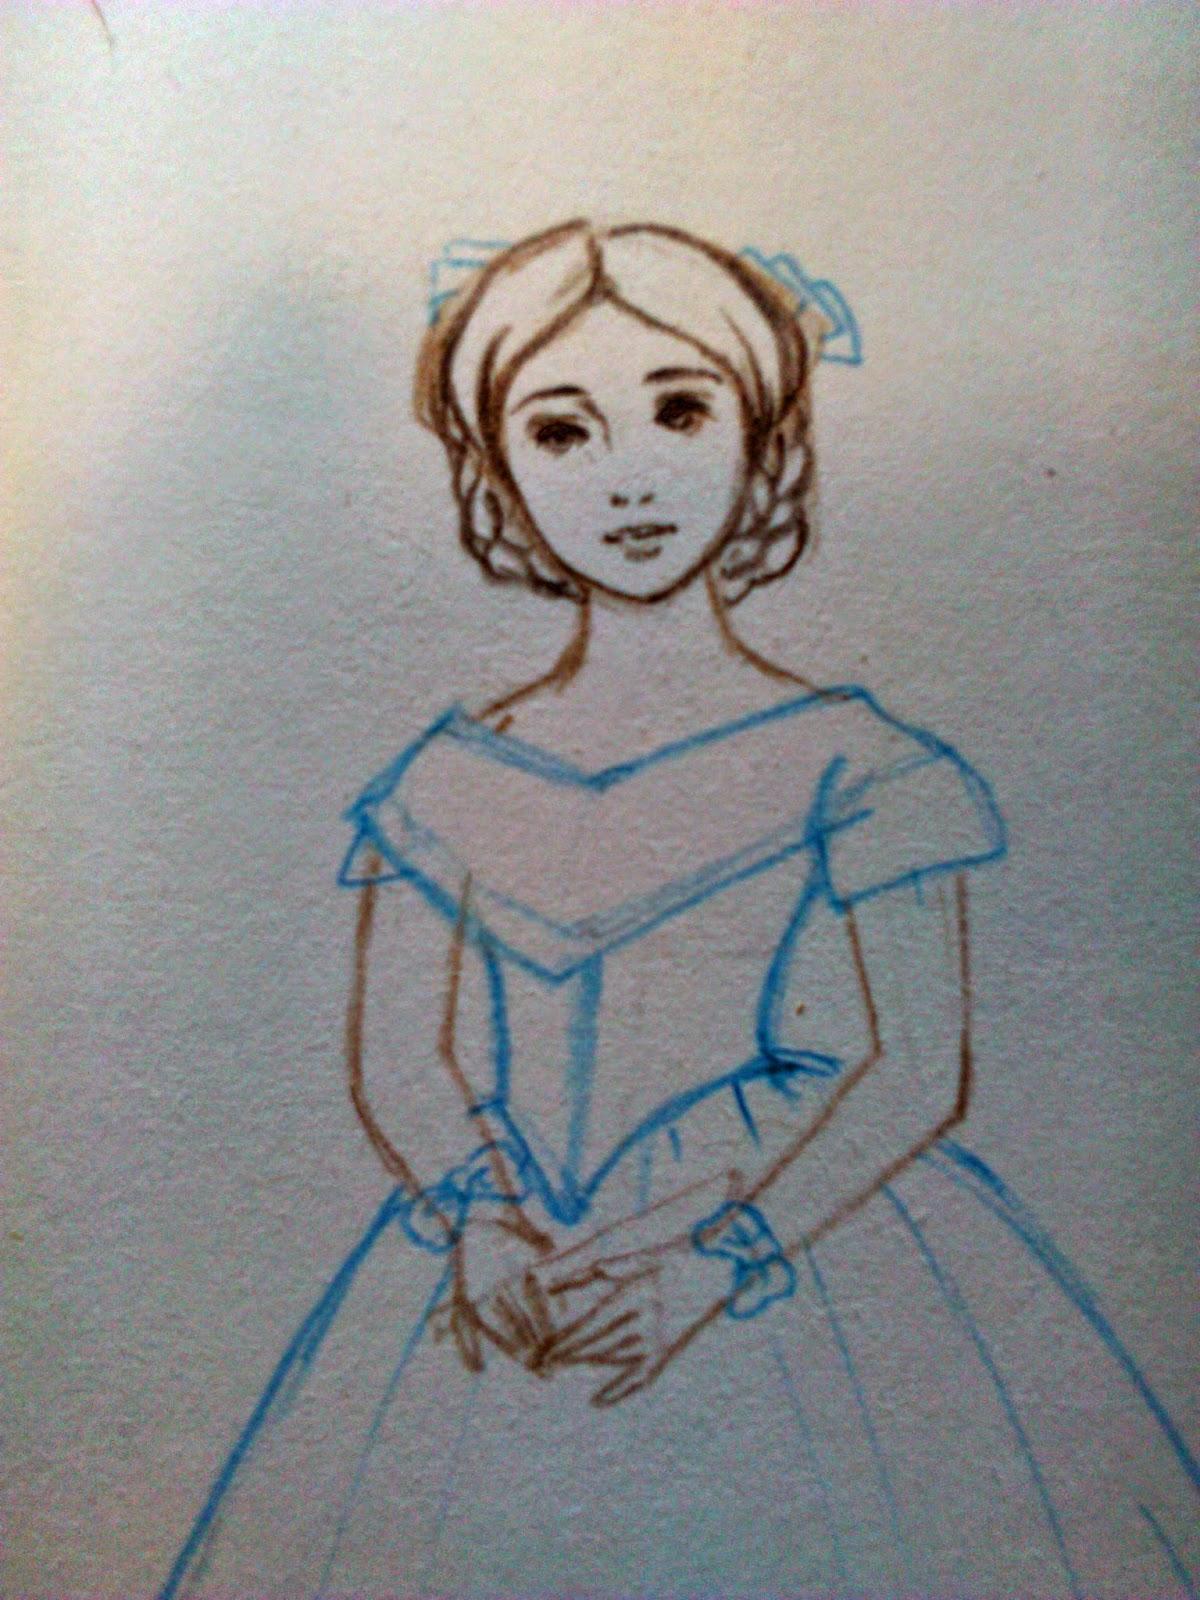 Disegni a matita facili ll17 pineglen for Immagini da disegnare a matita facili